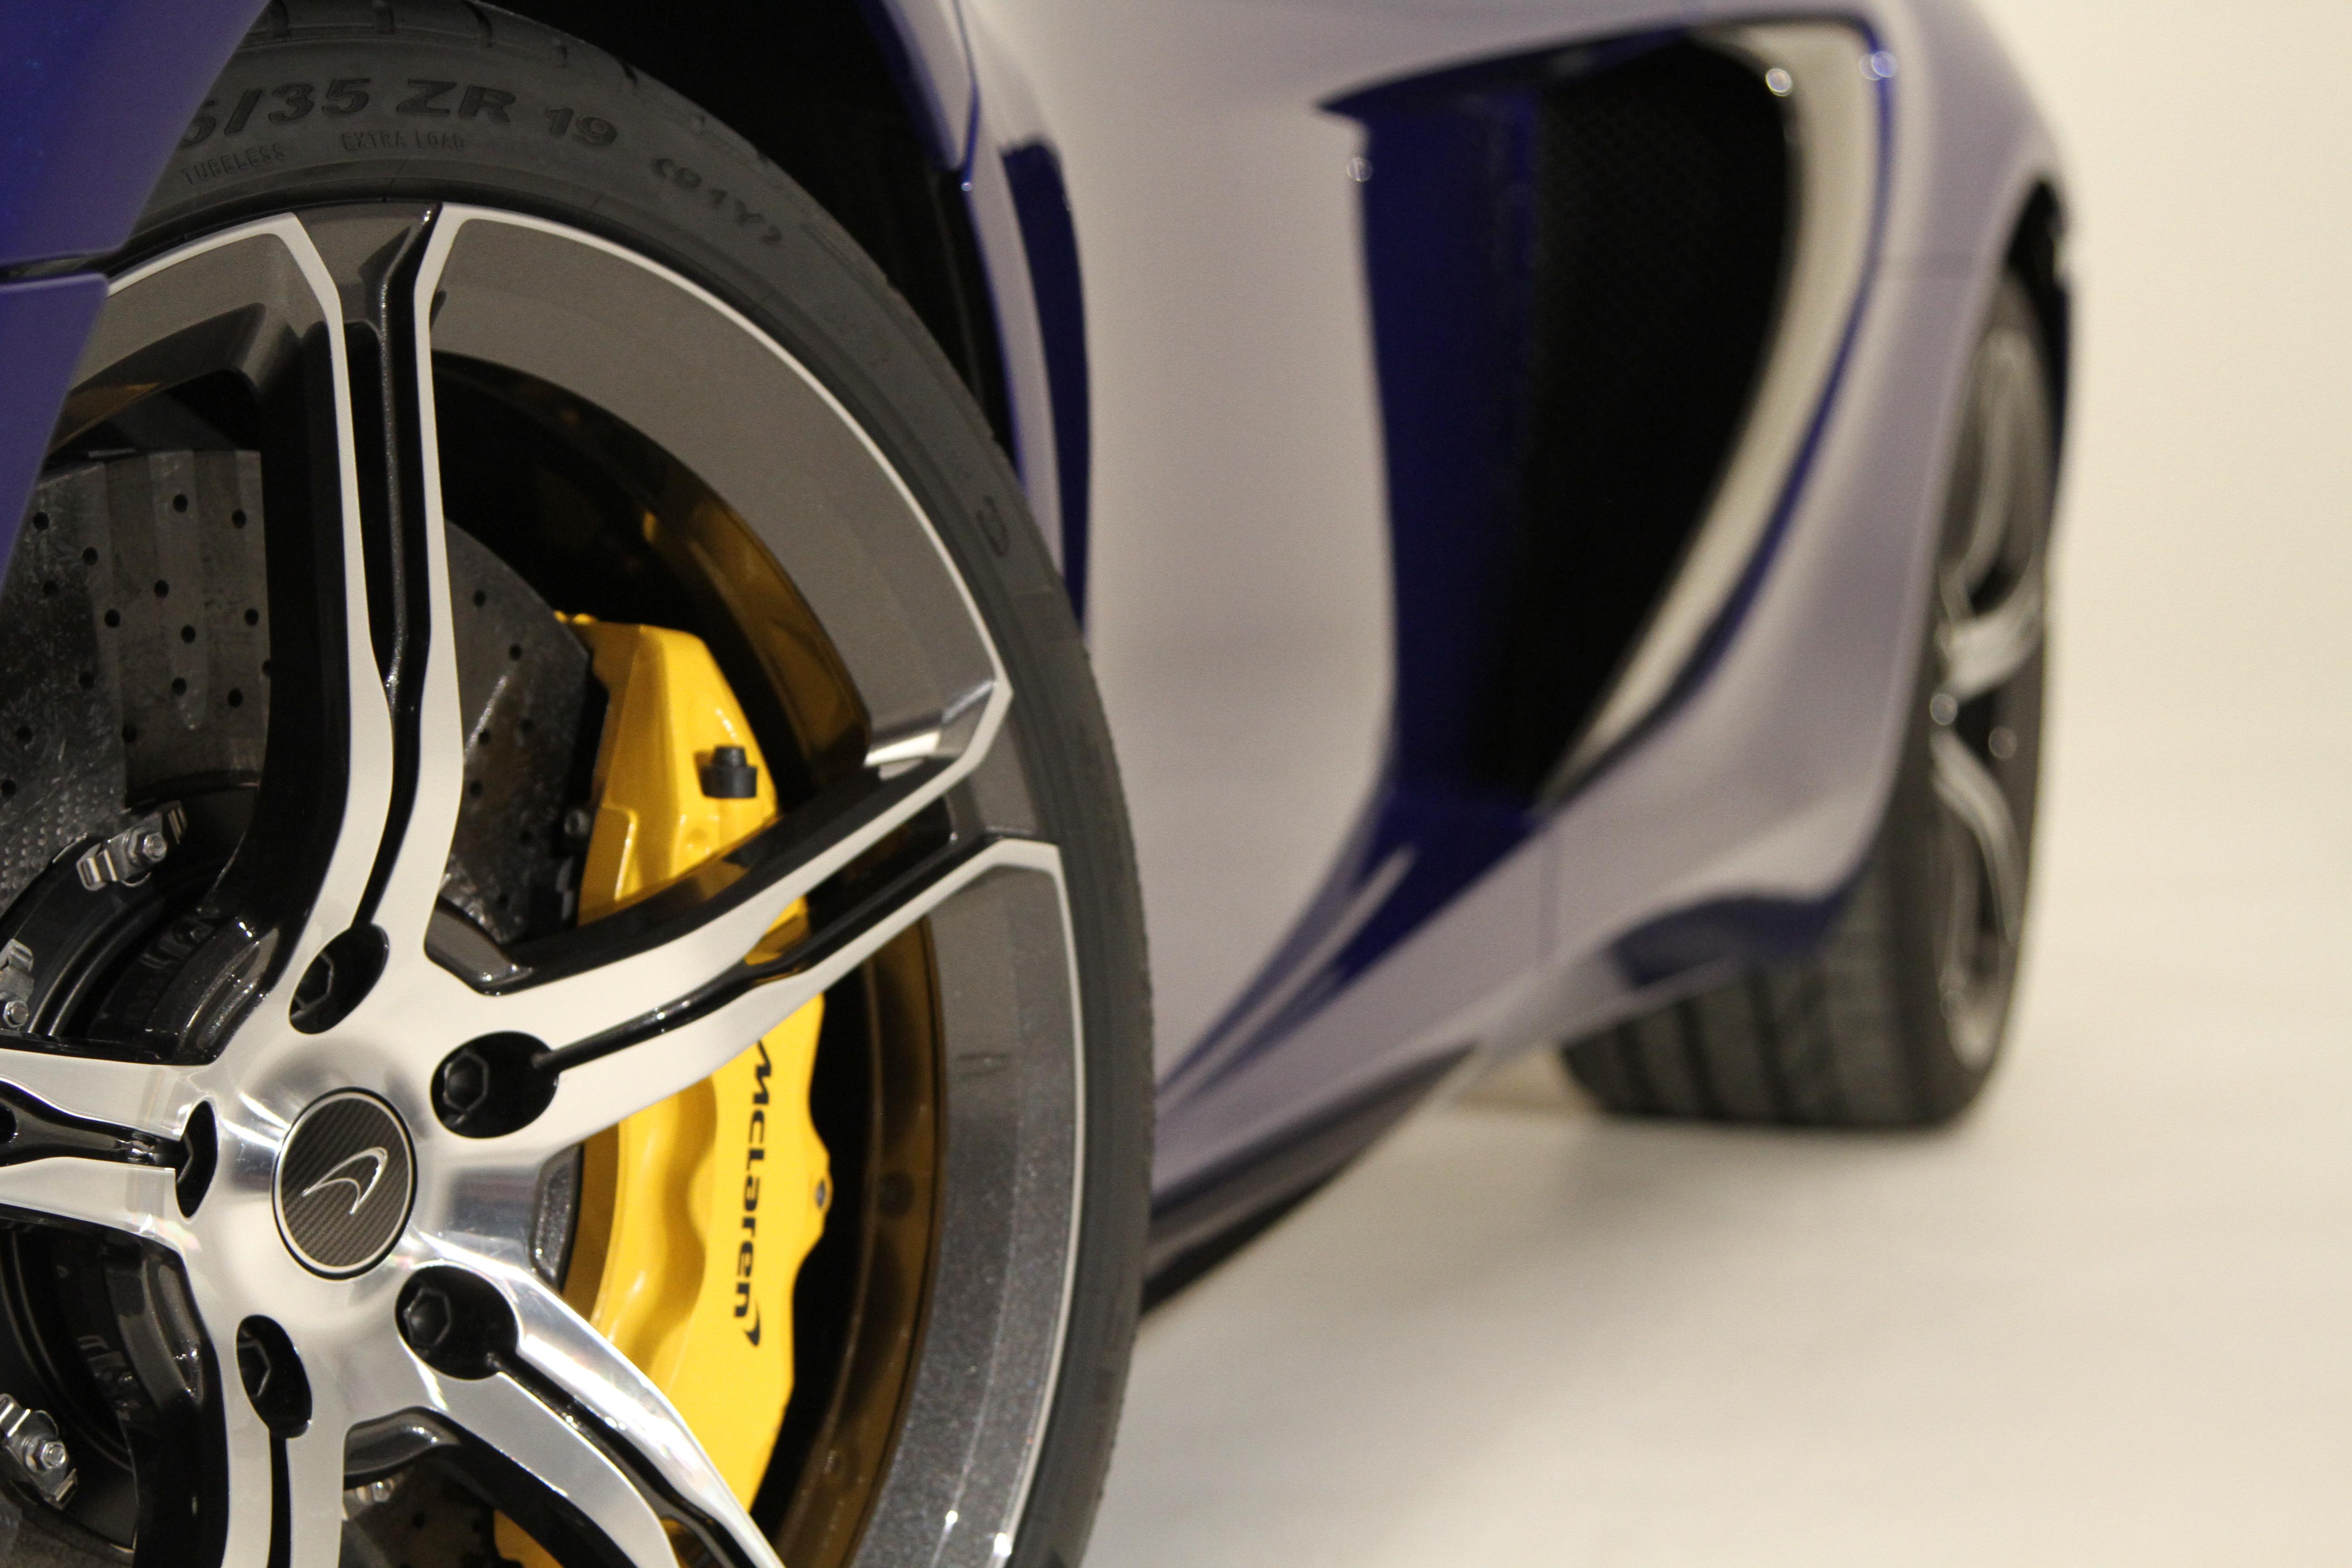 McLaren 650S coupe-ล้อเเม็ค